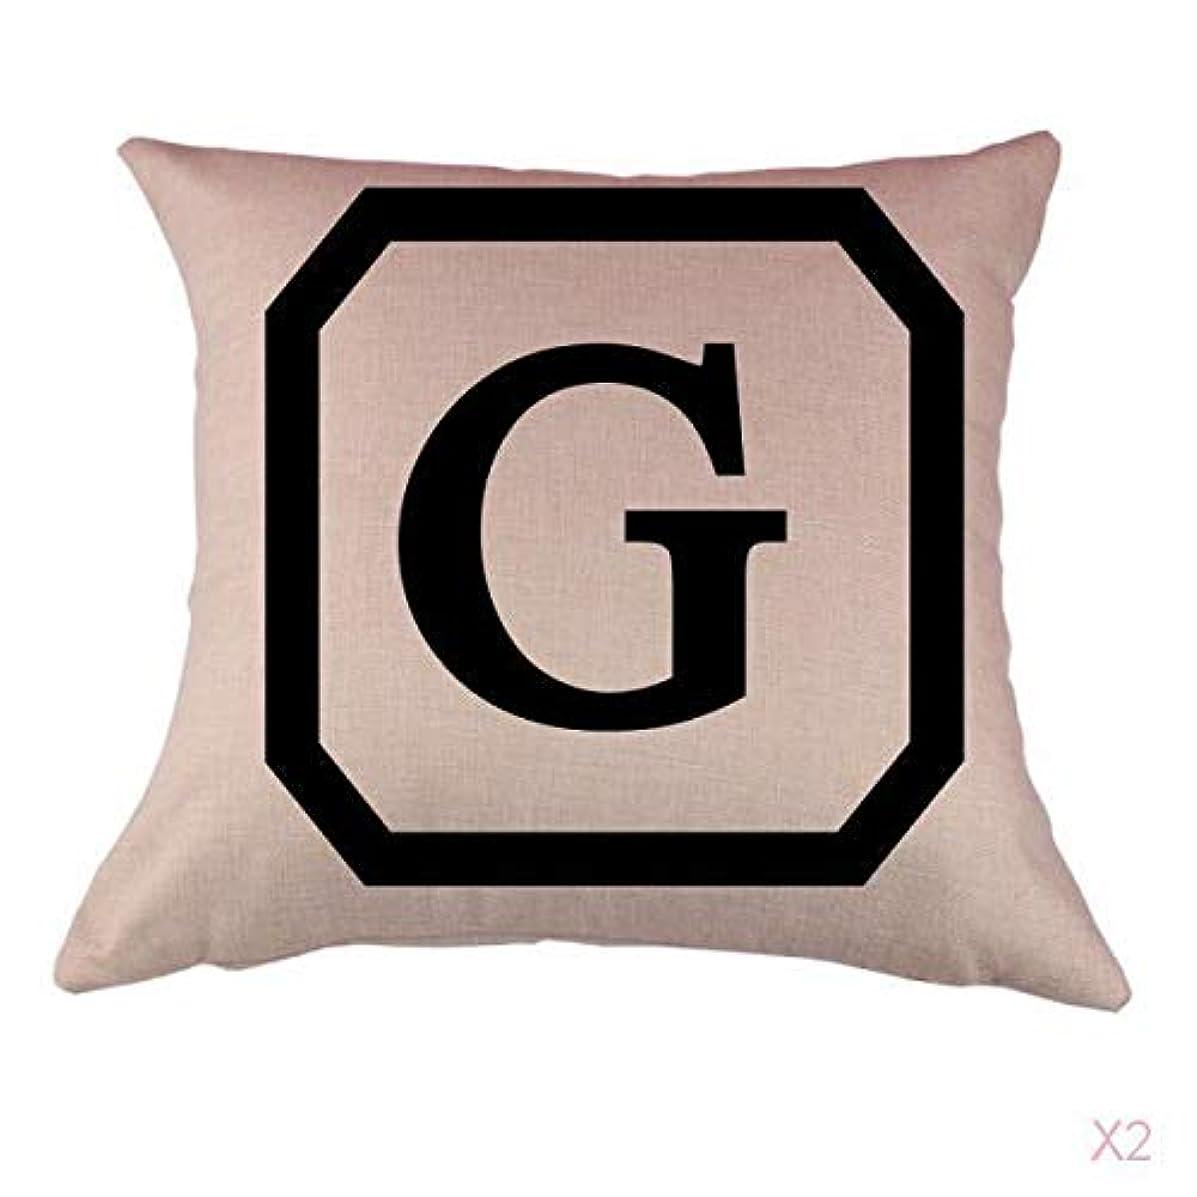 成功する矢振るうコットンリネンスロー枕カバークッションカバー家の装飾頭文字グラム